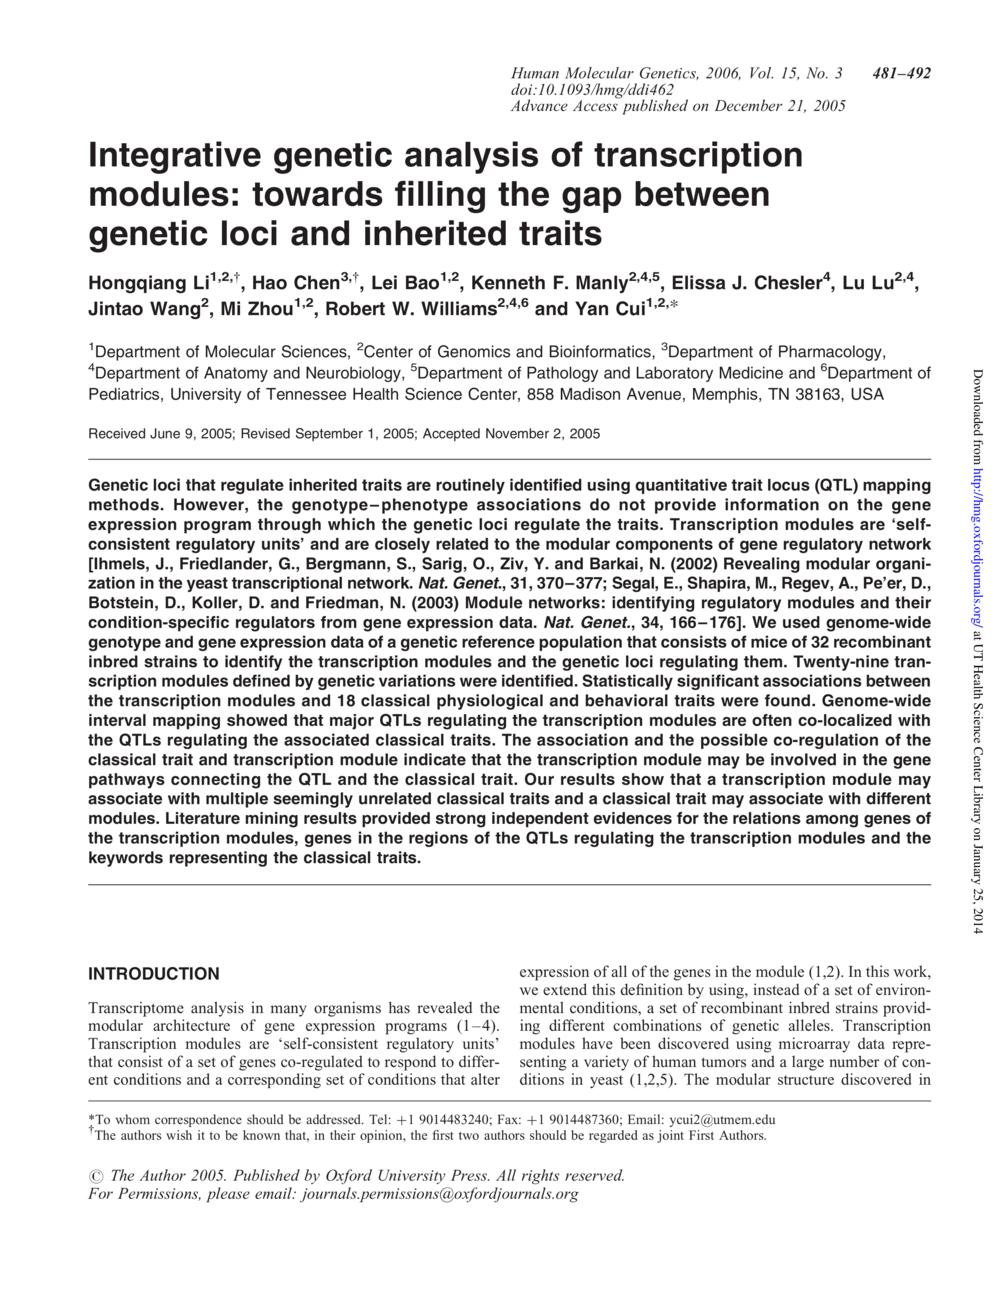 Li et al. - 2006 - Human molecular genetics.png